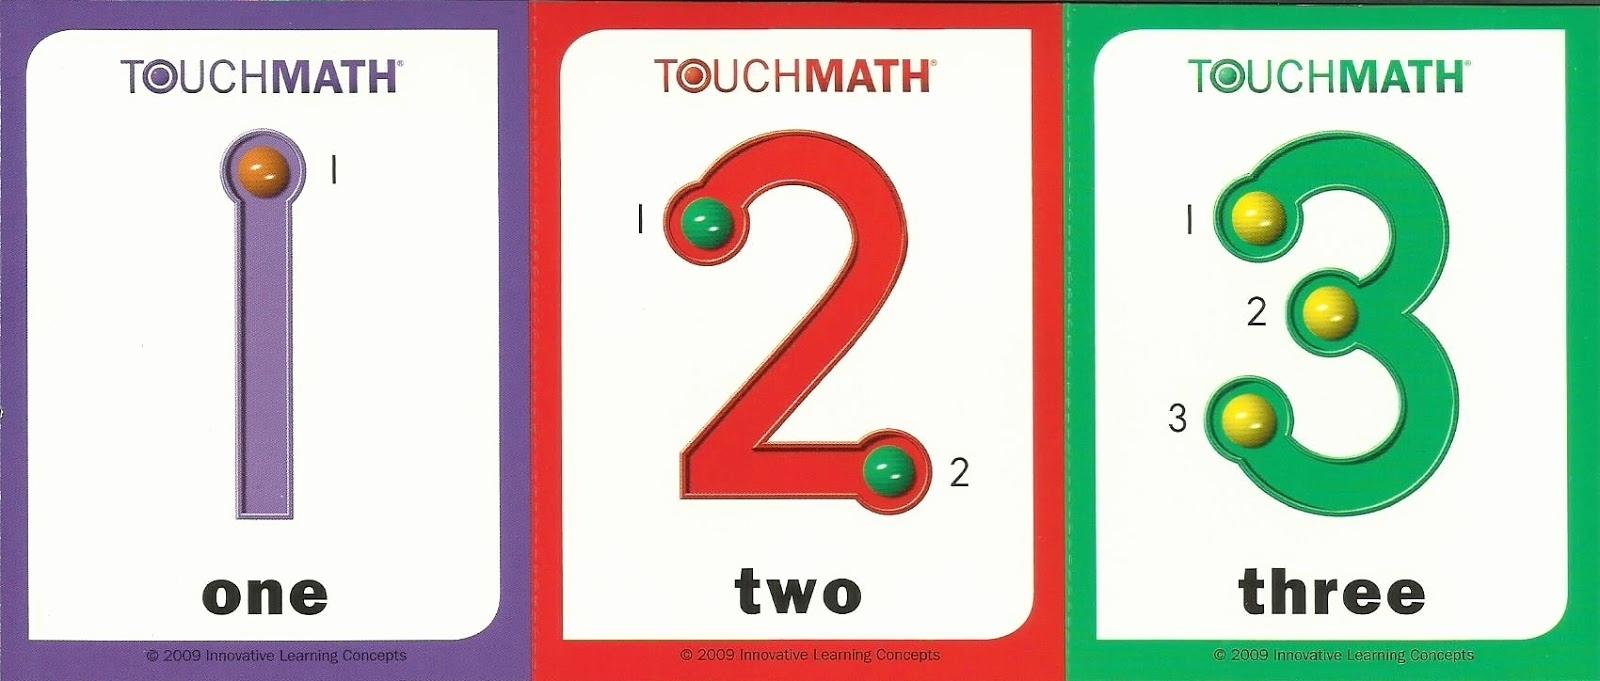 Free Printable Calendar Numbers 1-31 Pdf Free Printable Touch Math with Printable Numbers 1-31 For Calendar